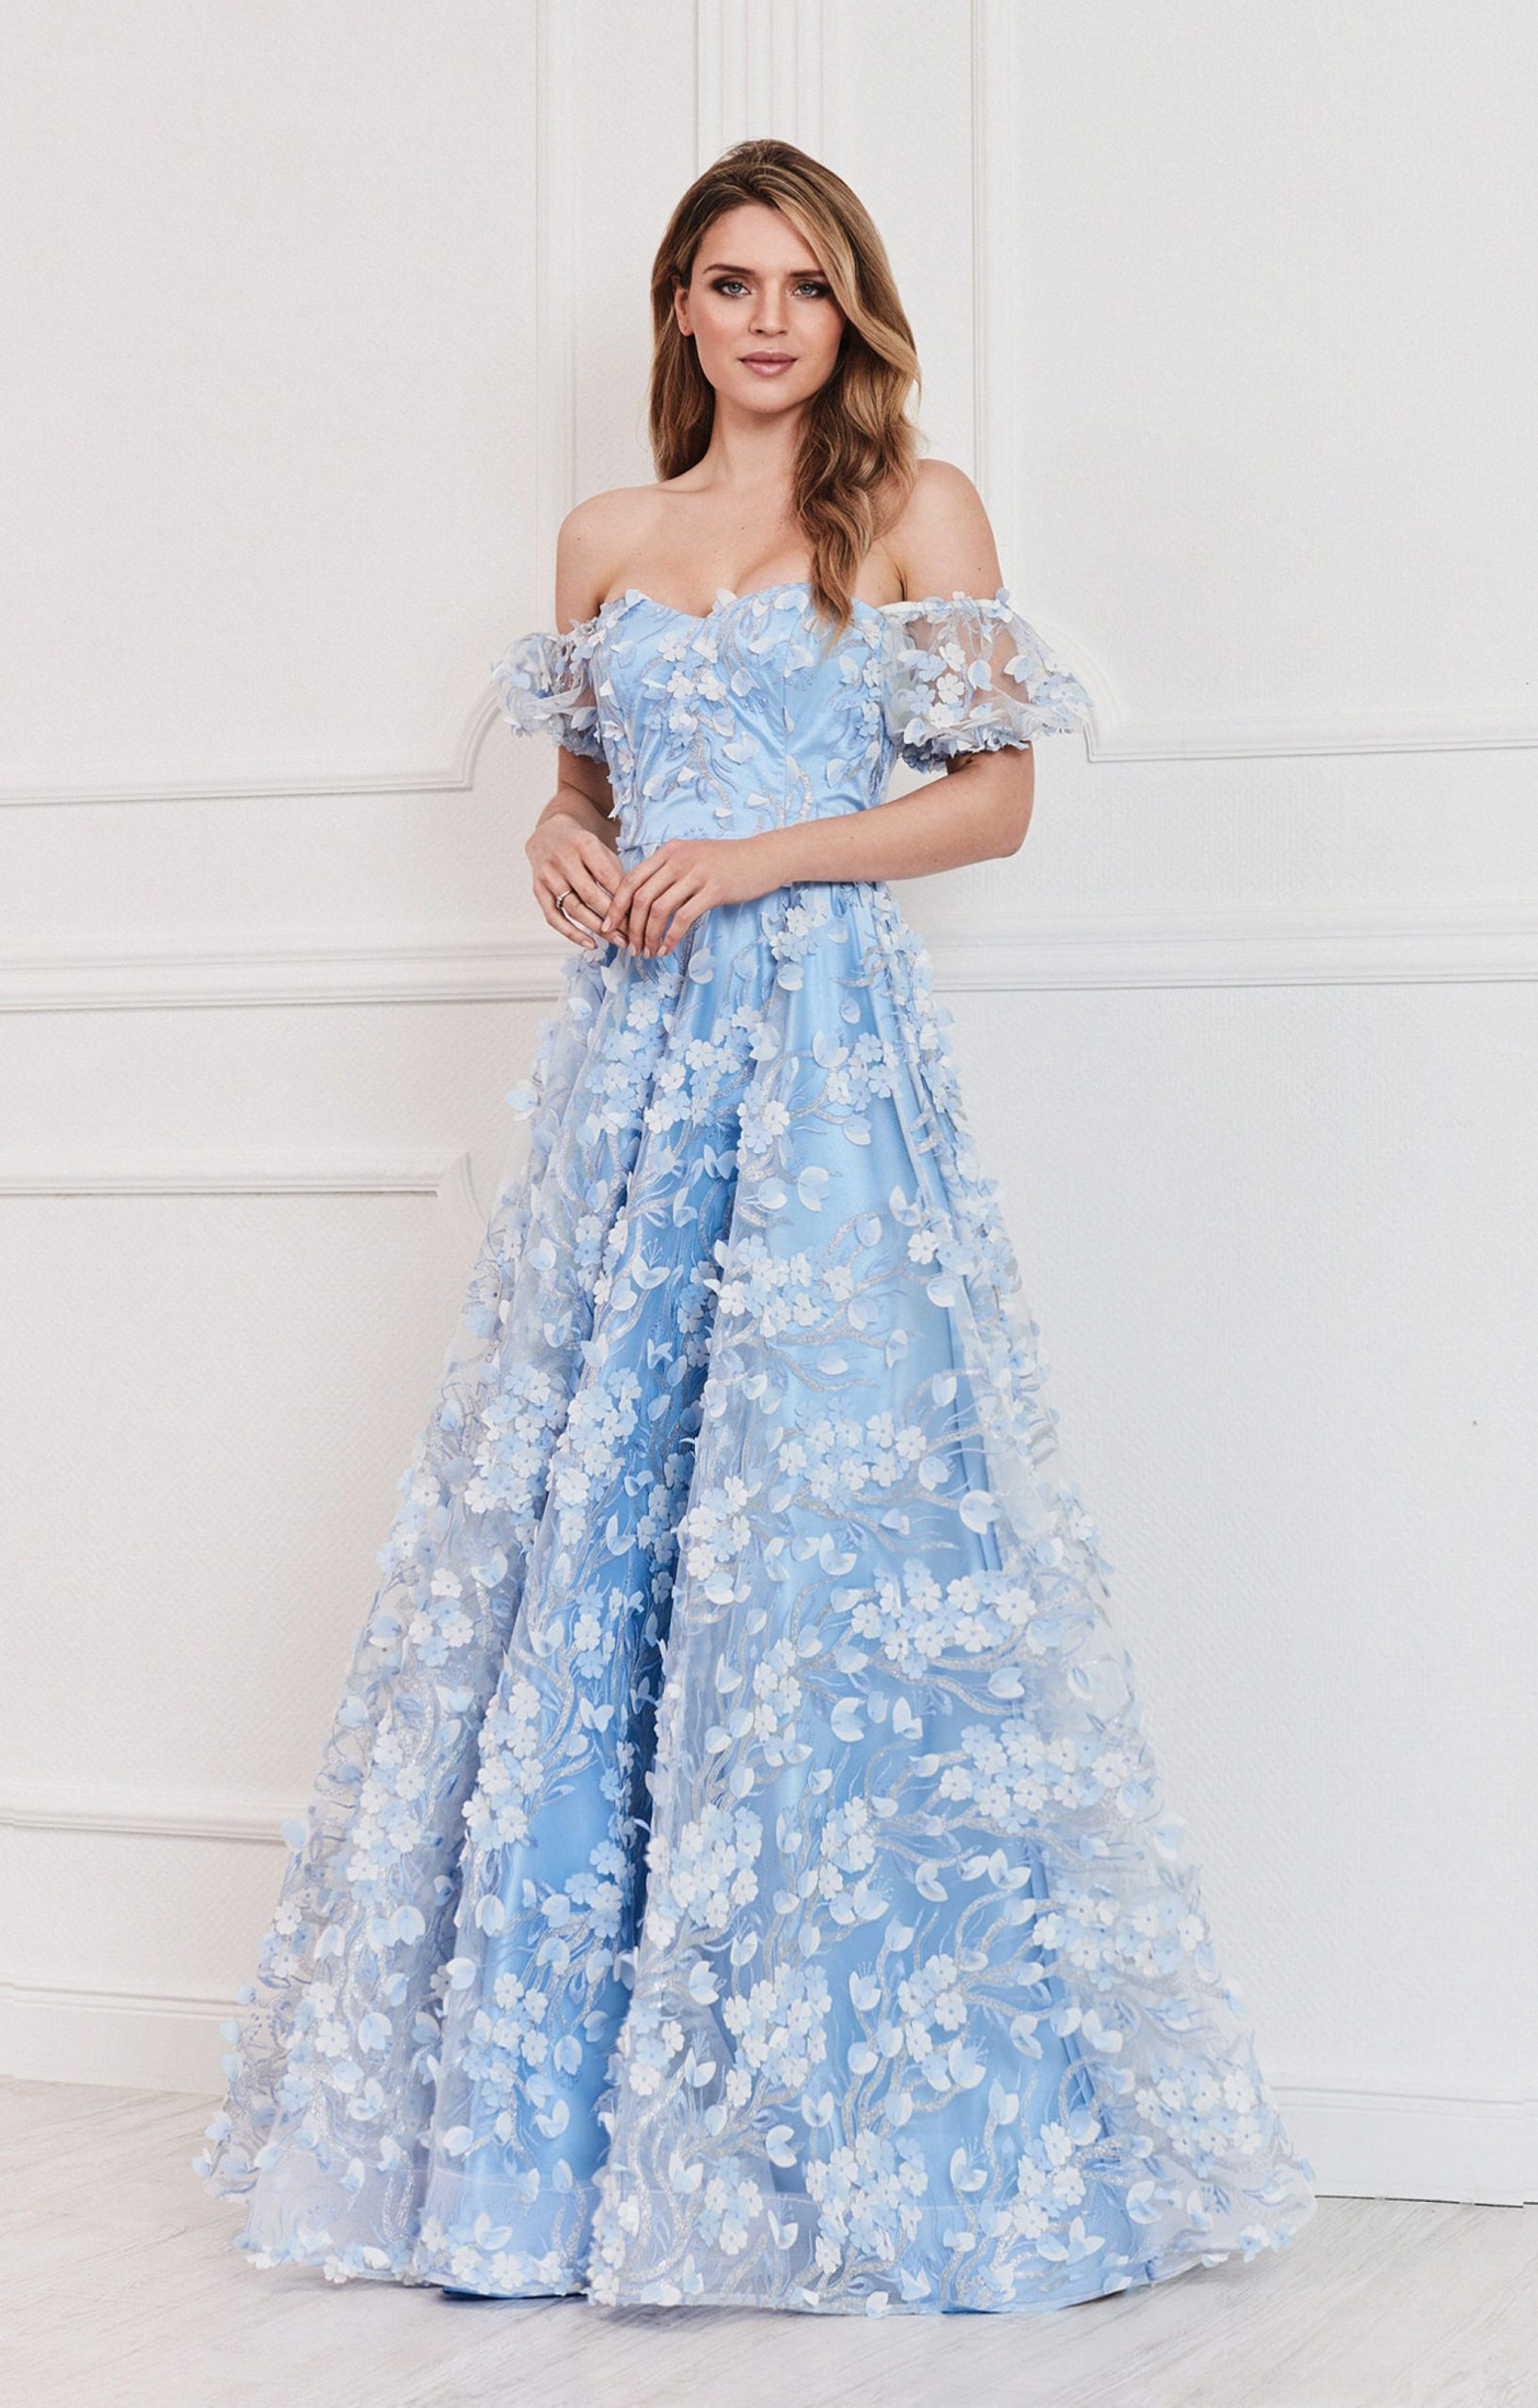 Designer Schön Blaue Abend Kleider Vertrieb20 Luxus Blaue Abend Kleider Spezialgebiet